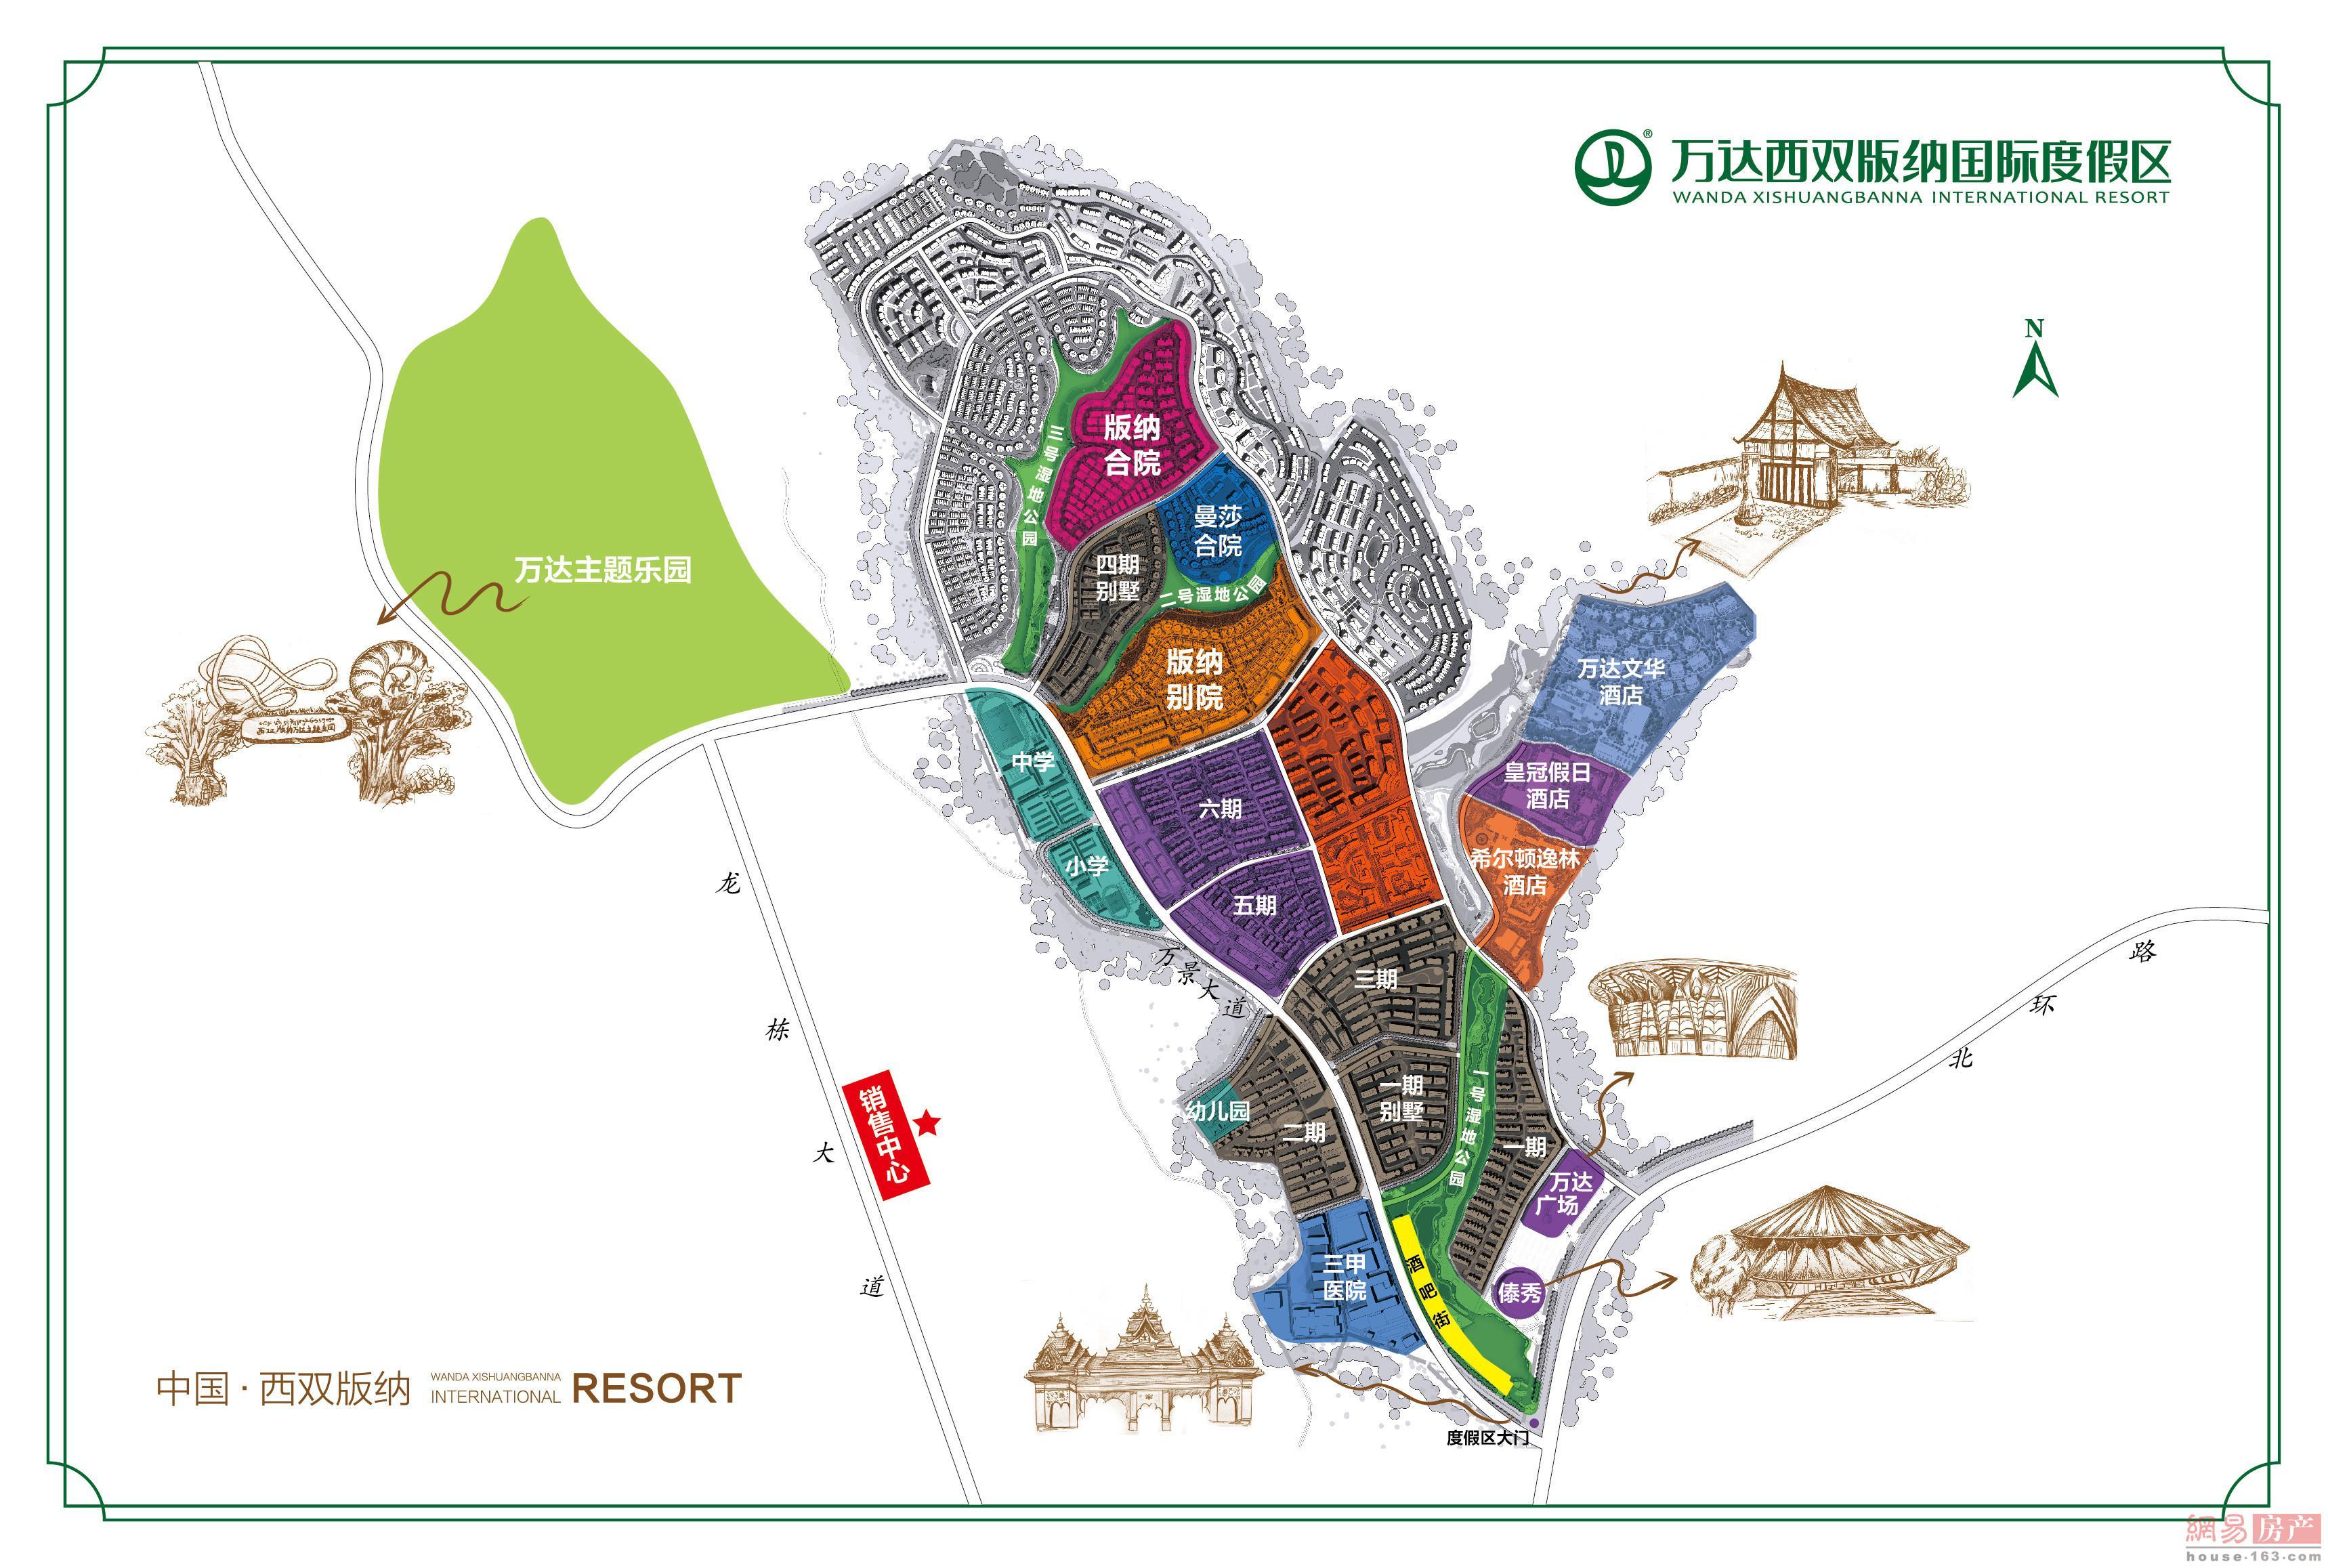 北京万达西双版纳国际度假区效果图图片